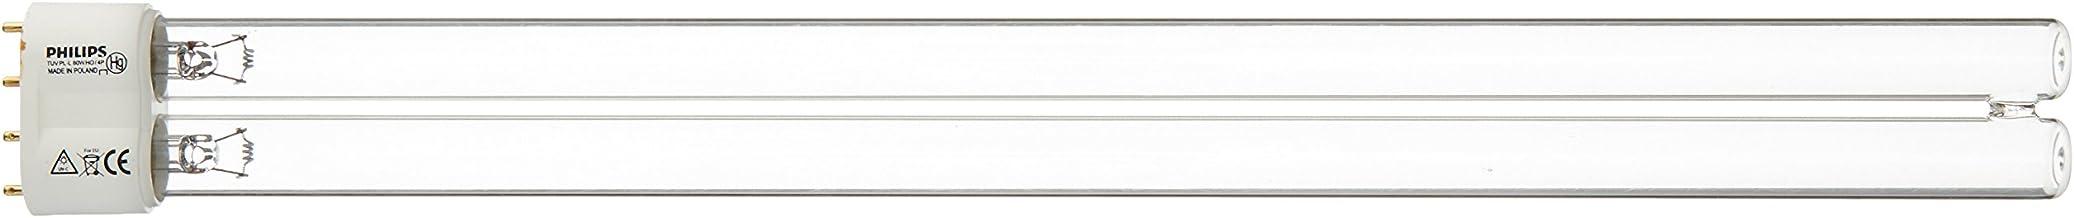 Philips TUV PL-L60W/4P HO 2G11 Replacement 60 Watt UV Bulb Lamp